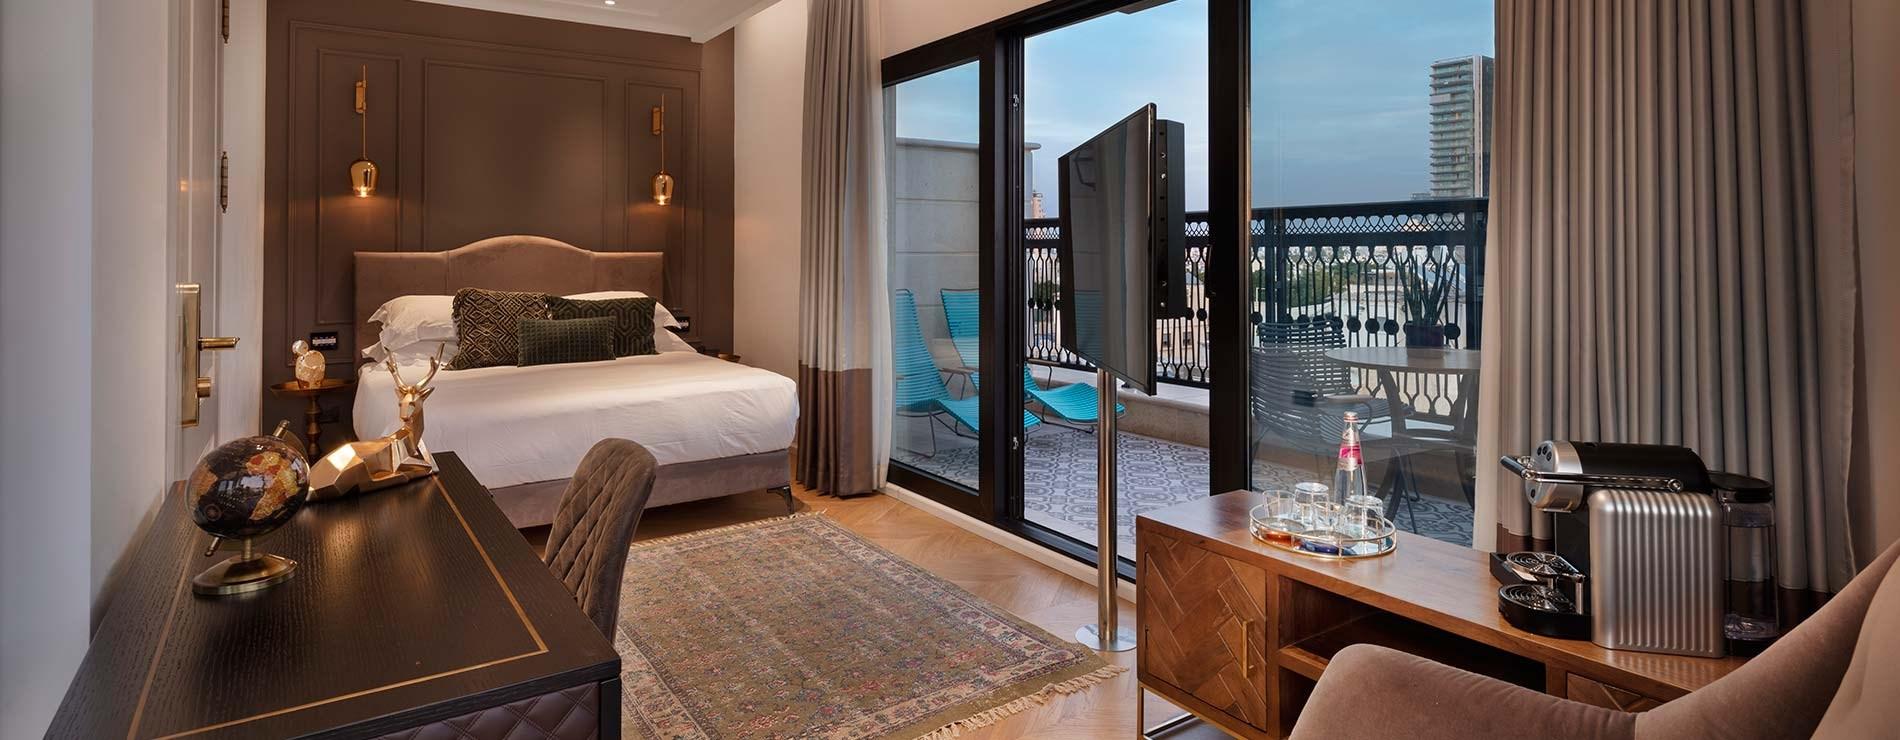 מתקנים ושירותים- מלון ג'ייקוב סמואל תל אביב